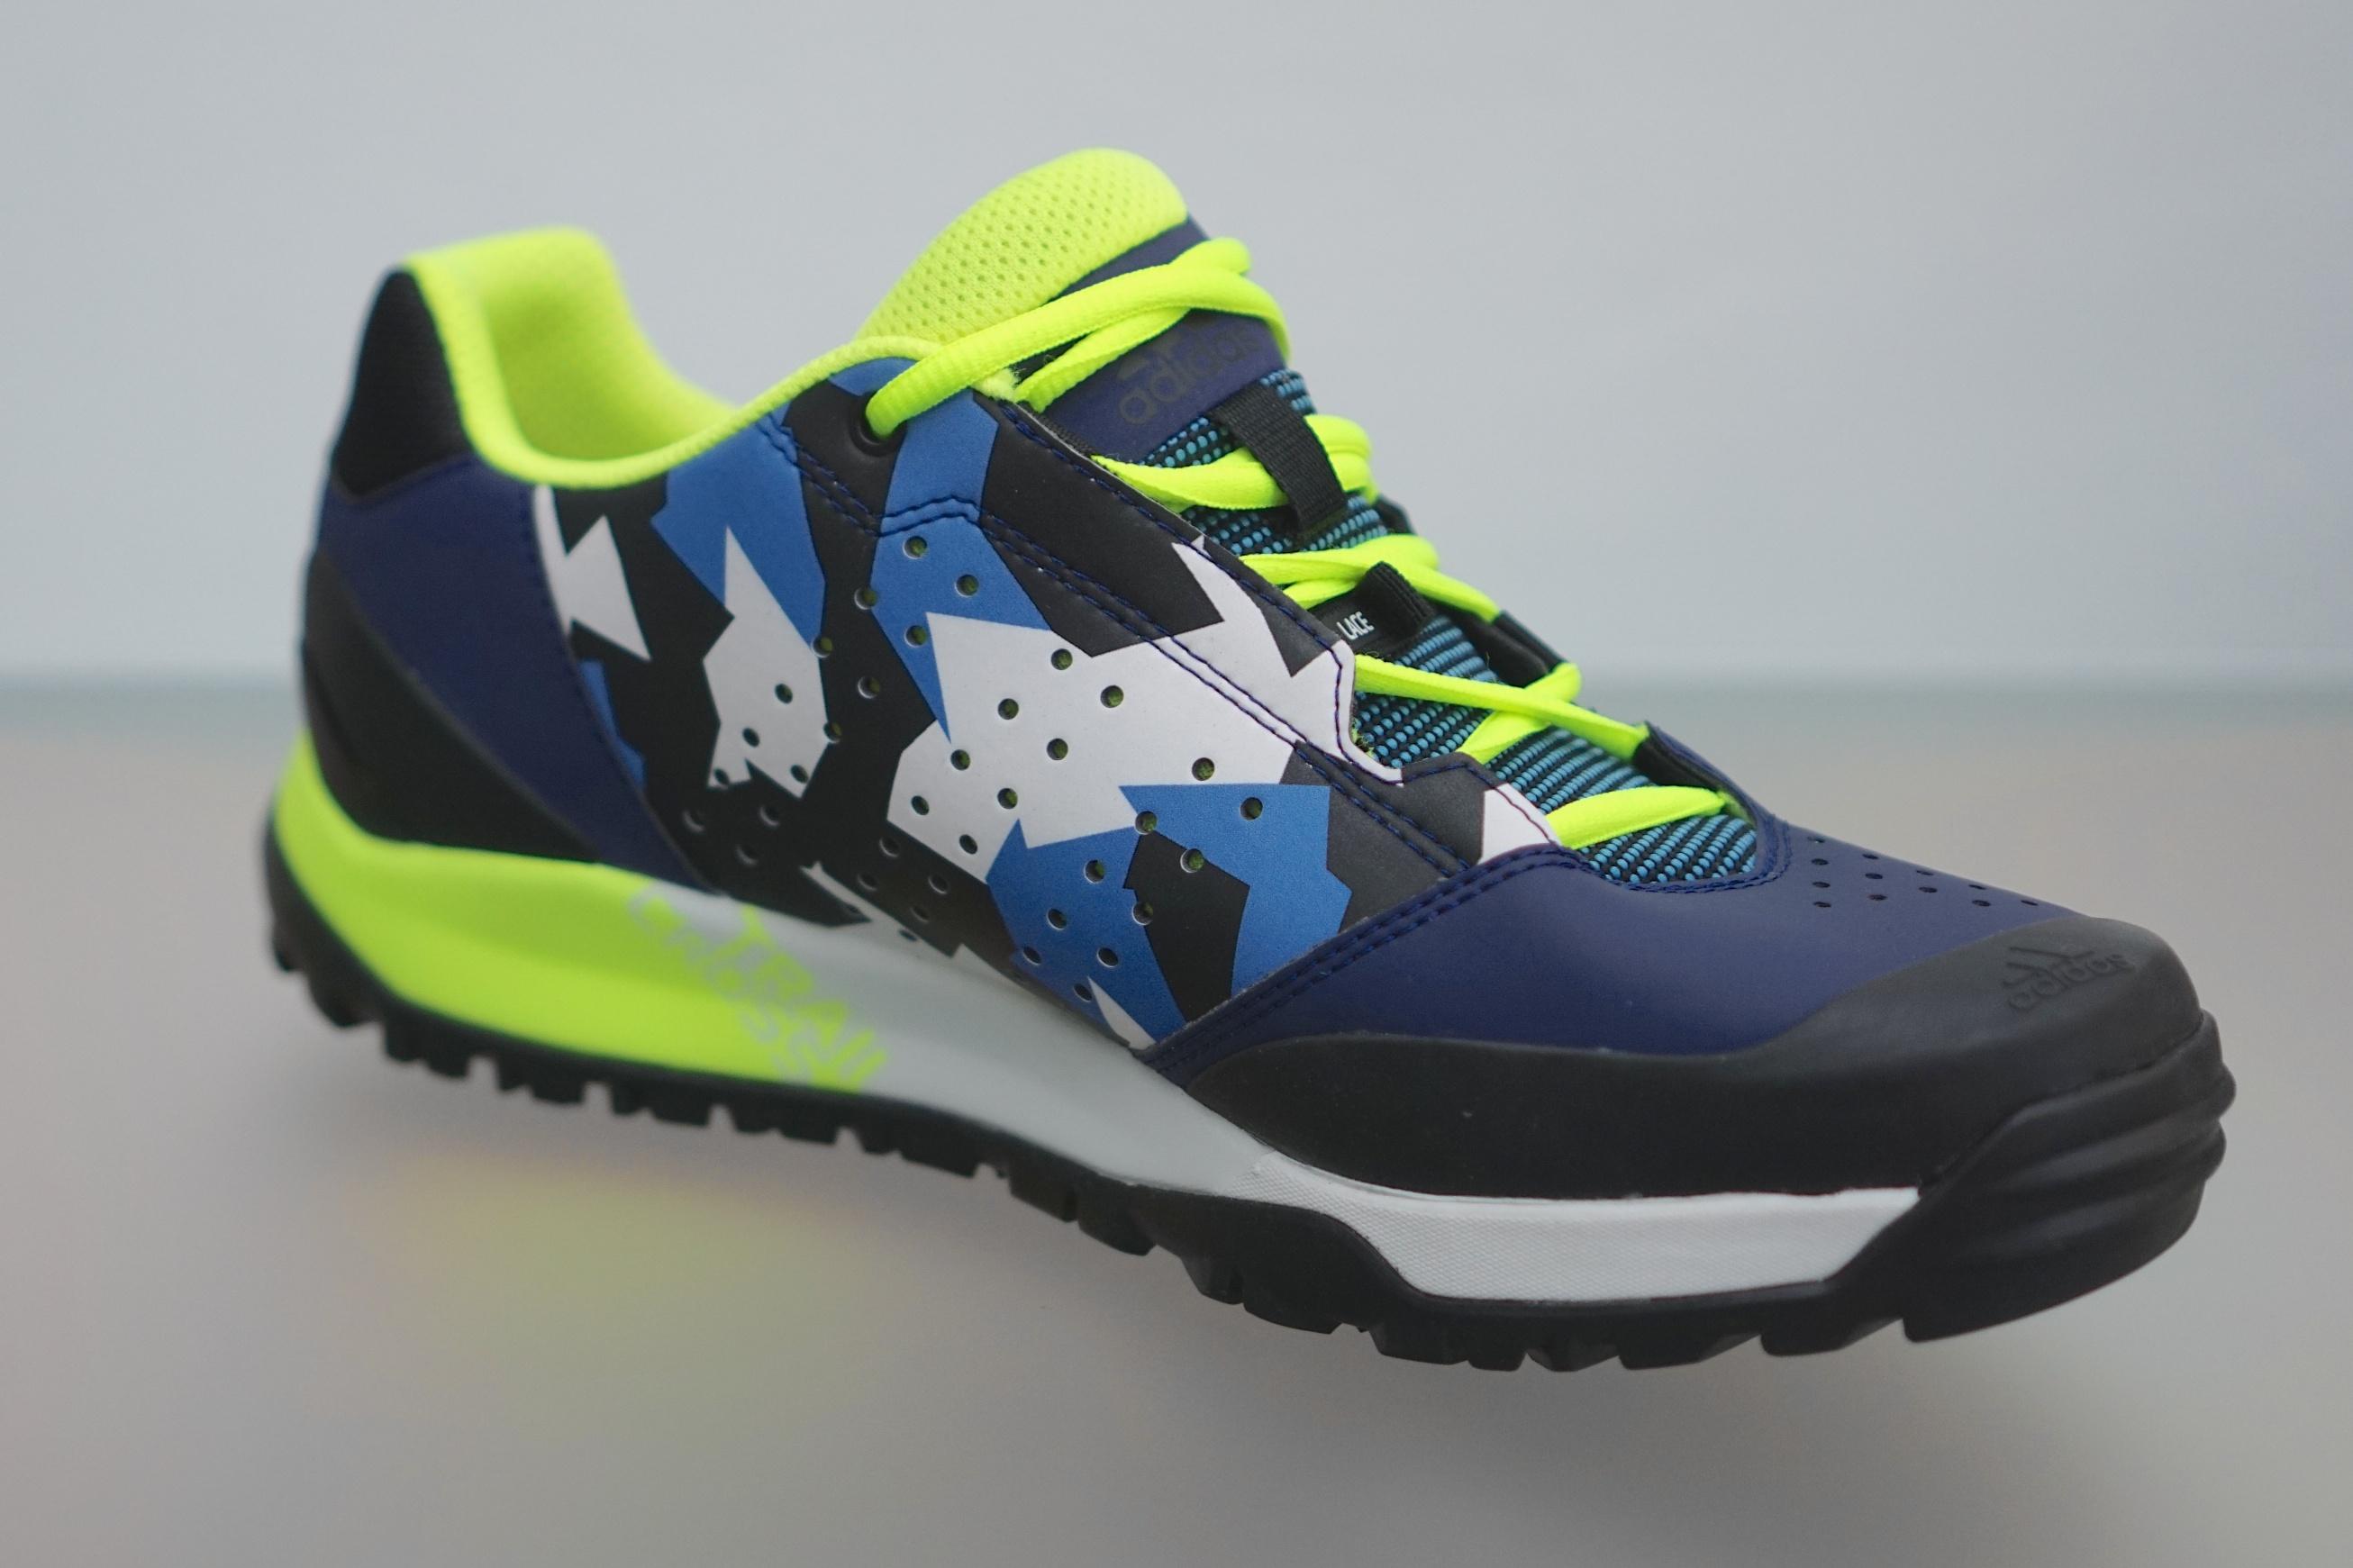 Adidas Terrex Trail Cross - Test: MTB-Debüt mit Flat-Schuhen